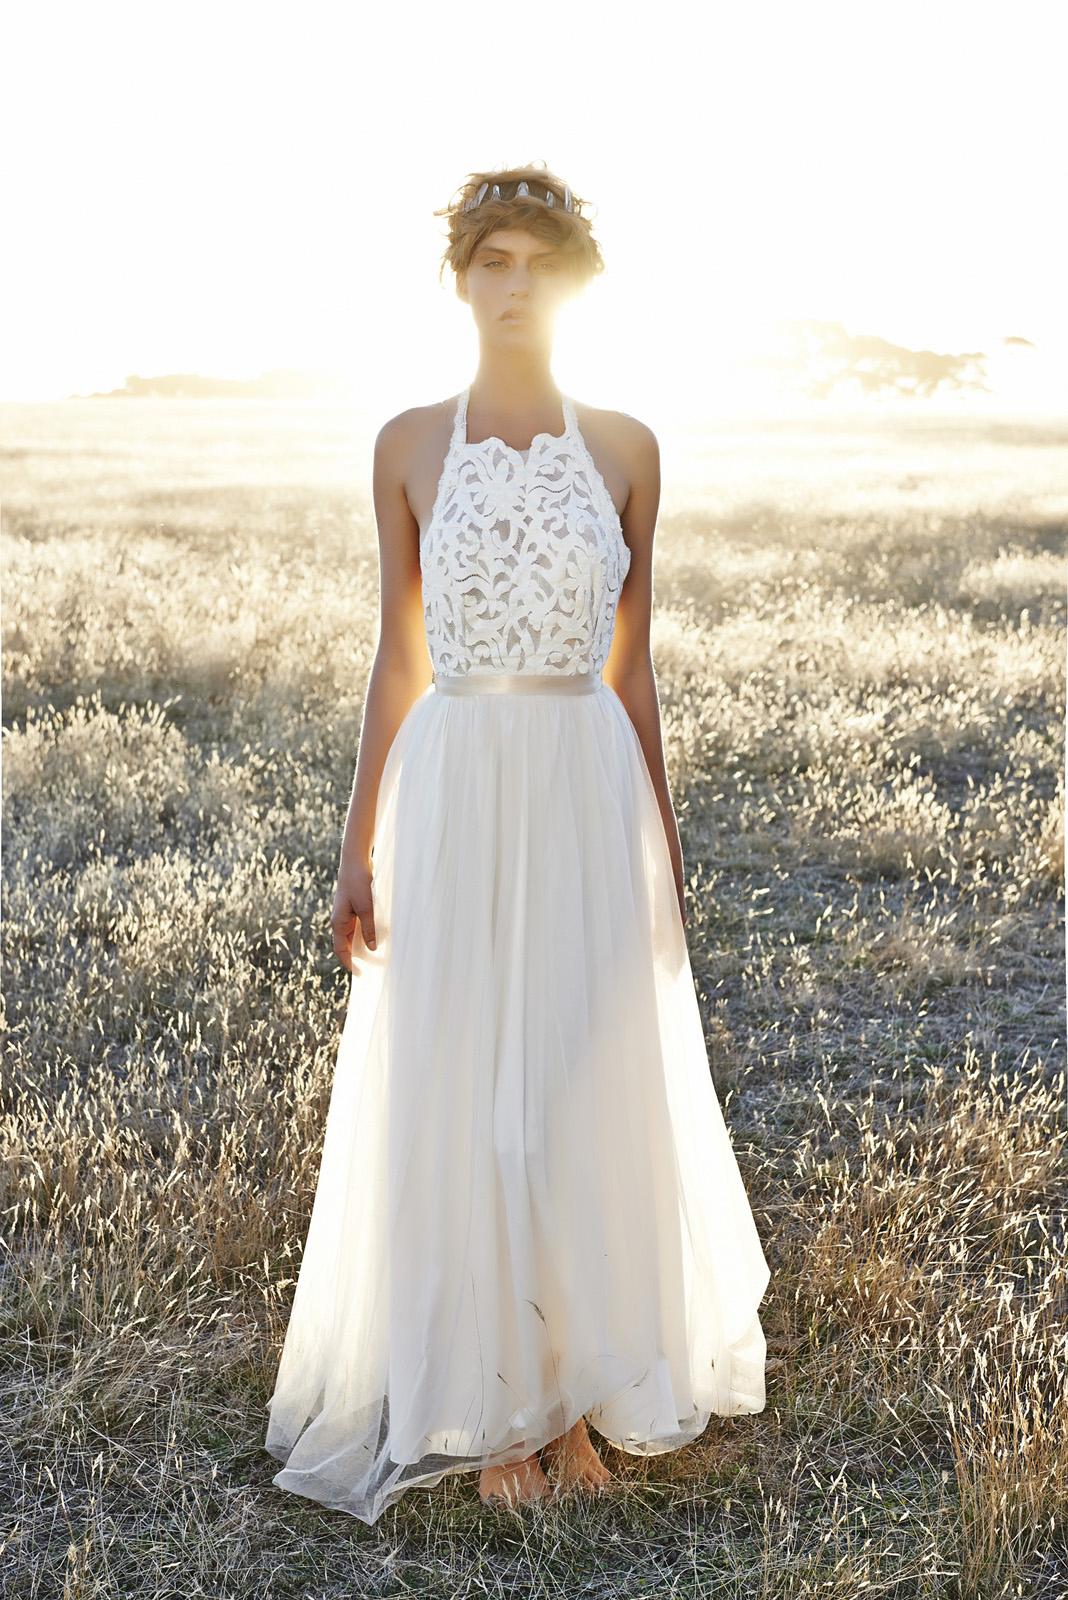 Brautkleider für die Sommerhochzeit: Die 17 schönsten Modelle